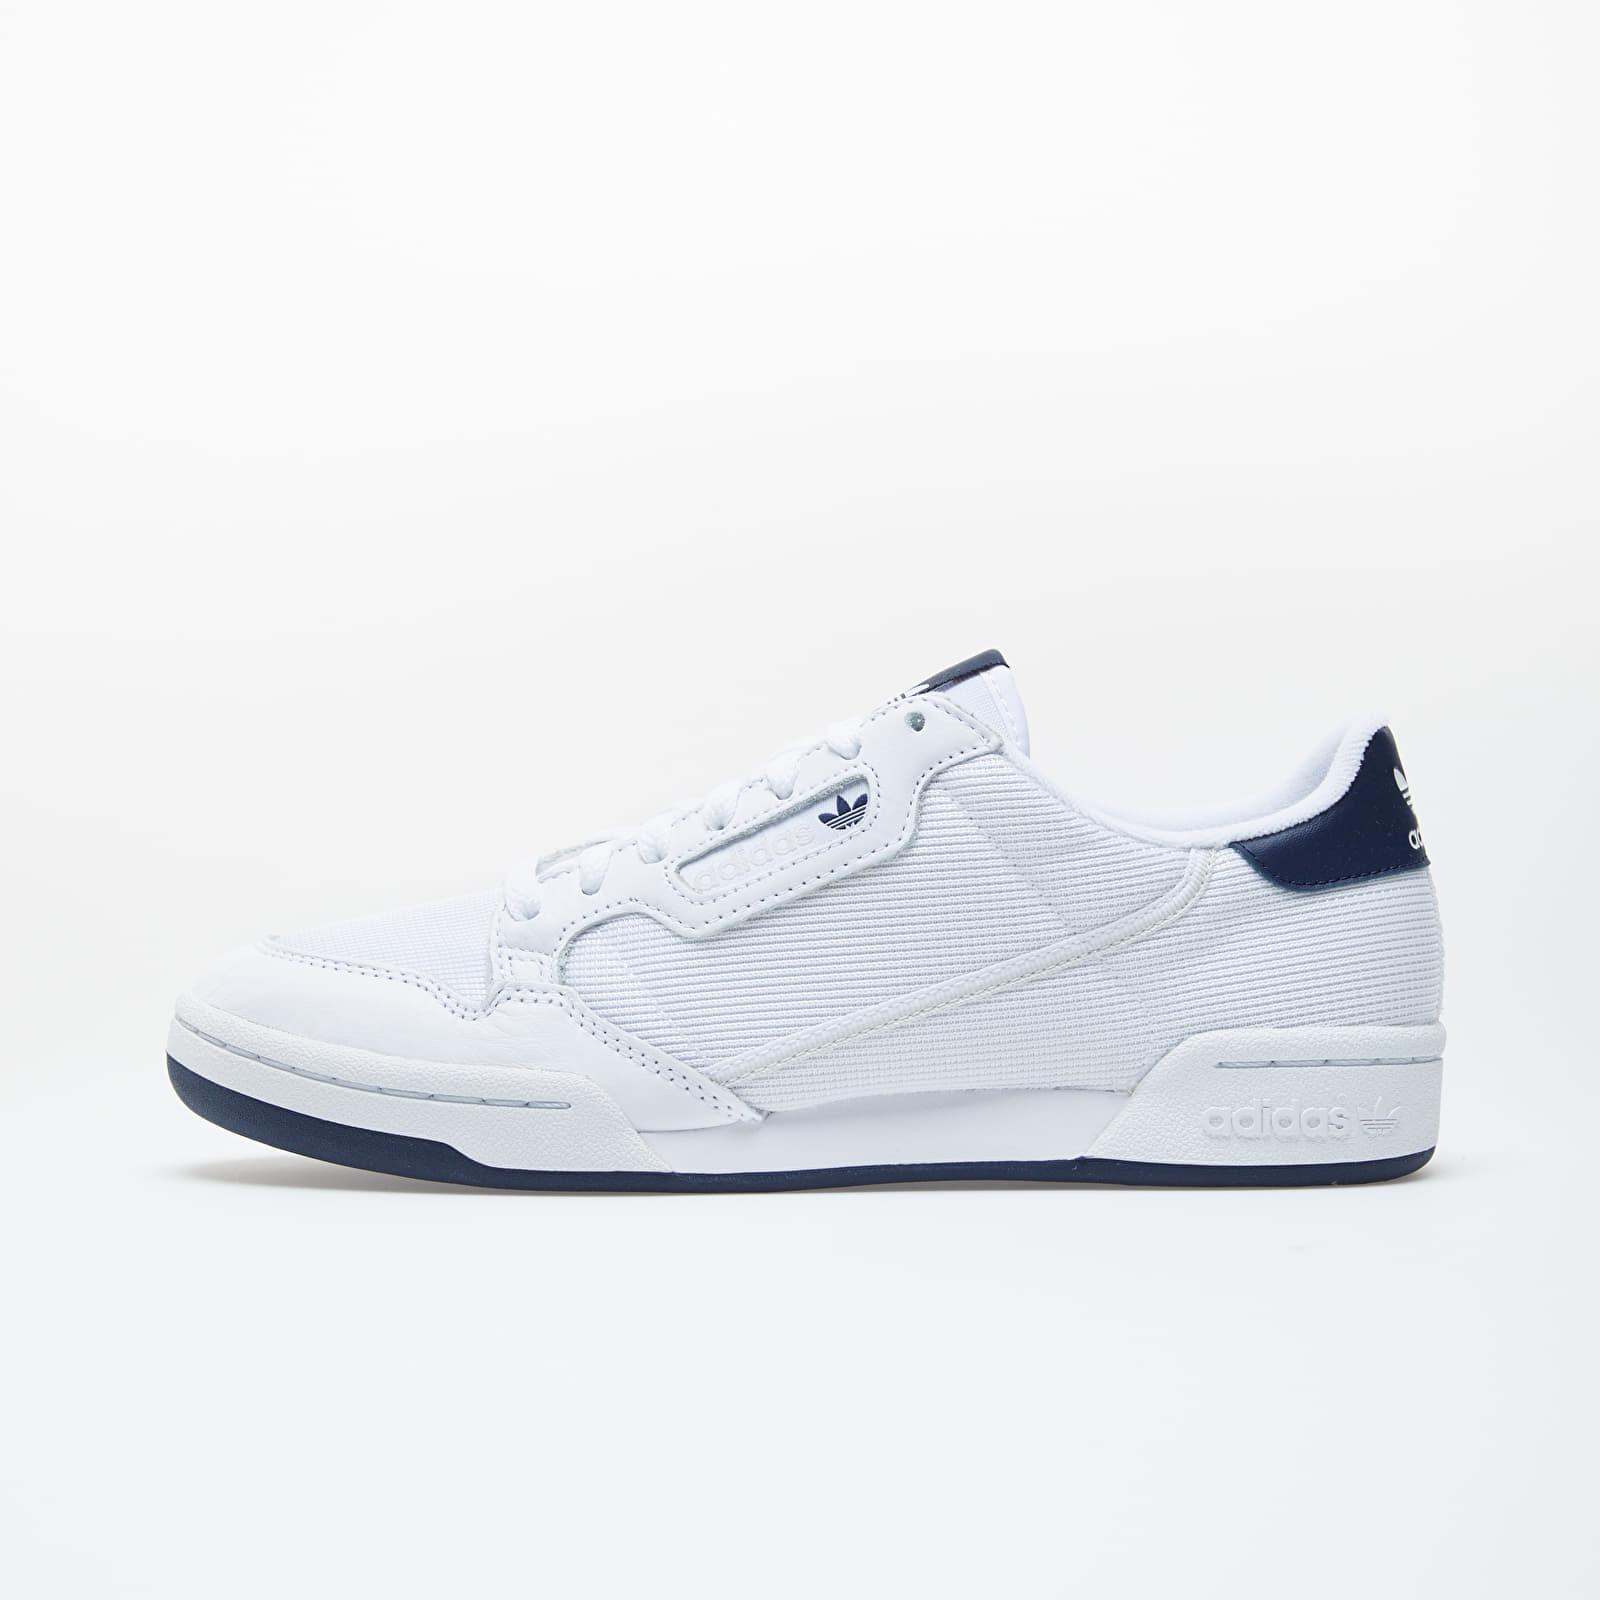 Männer adidas Continental 80 Ftw White/ Grey One/ Collegiate Navy